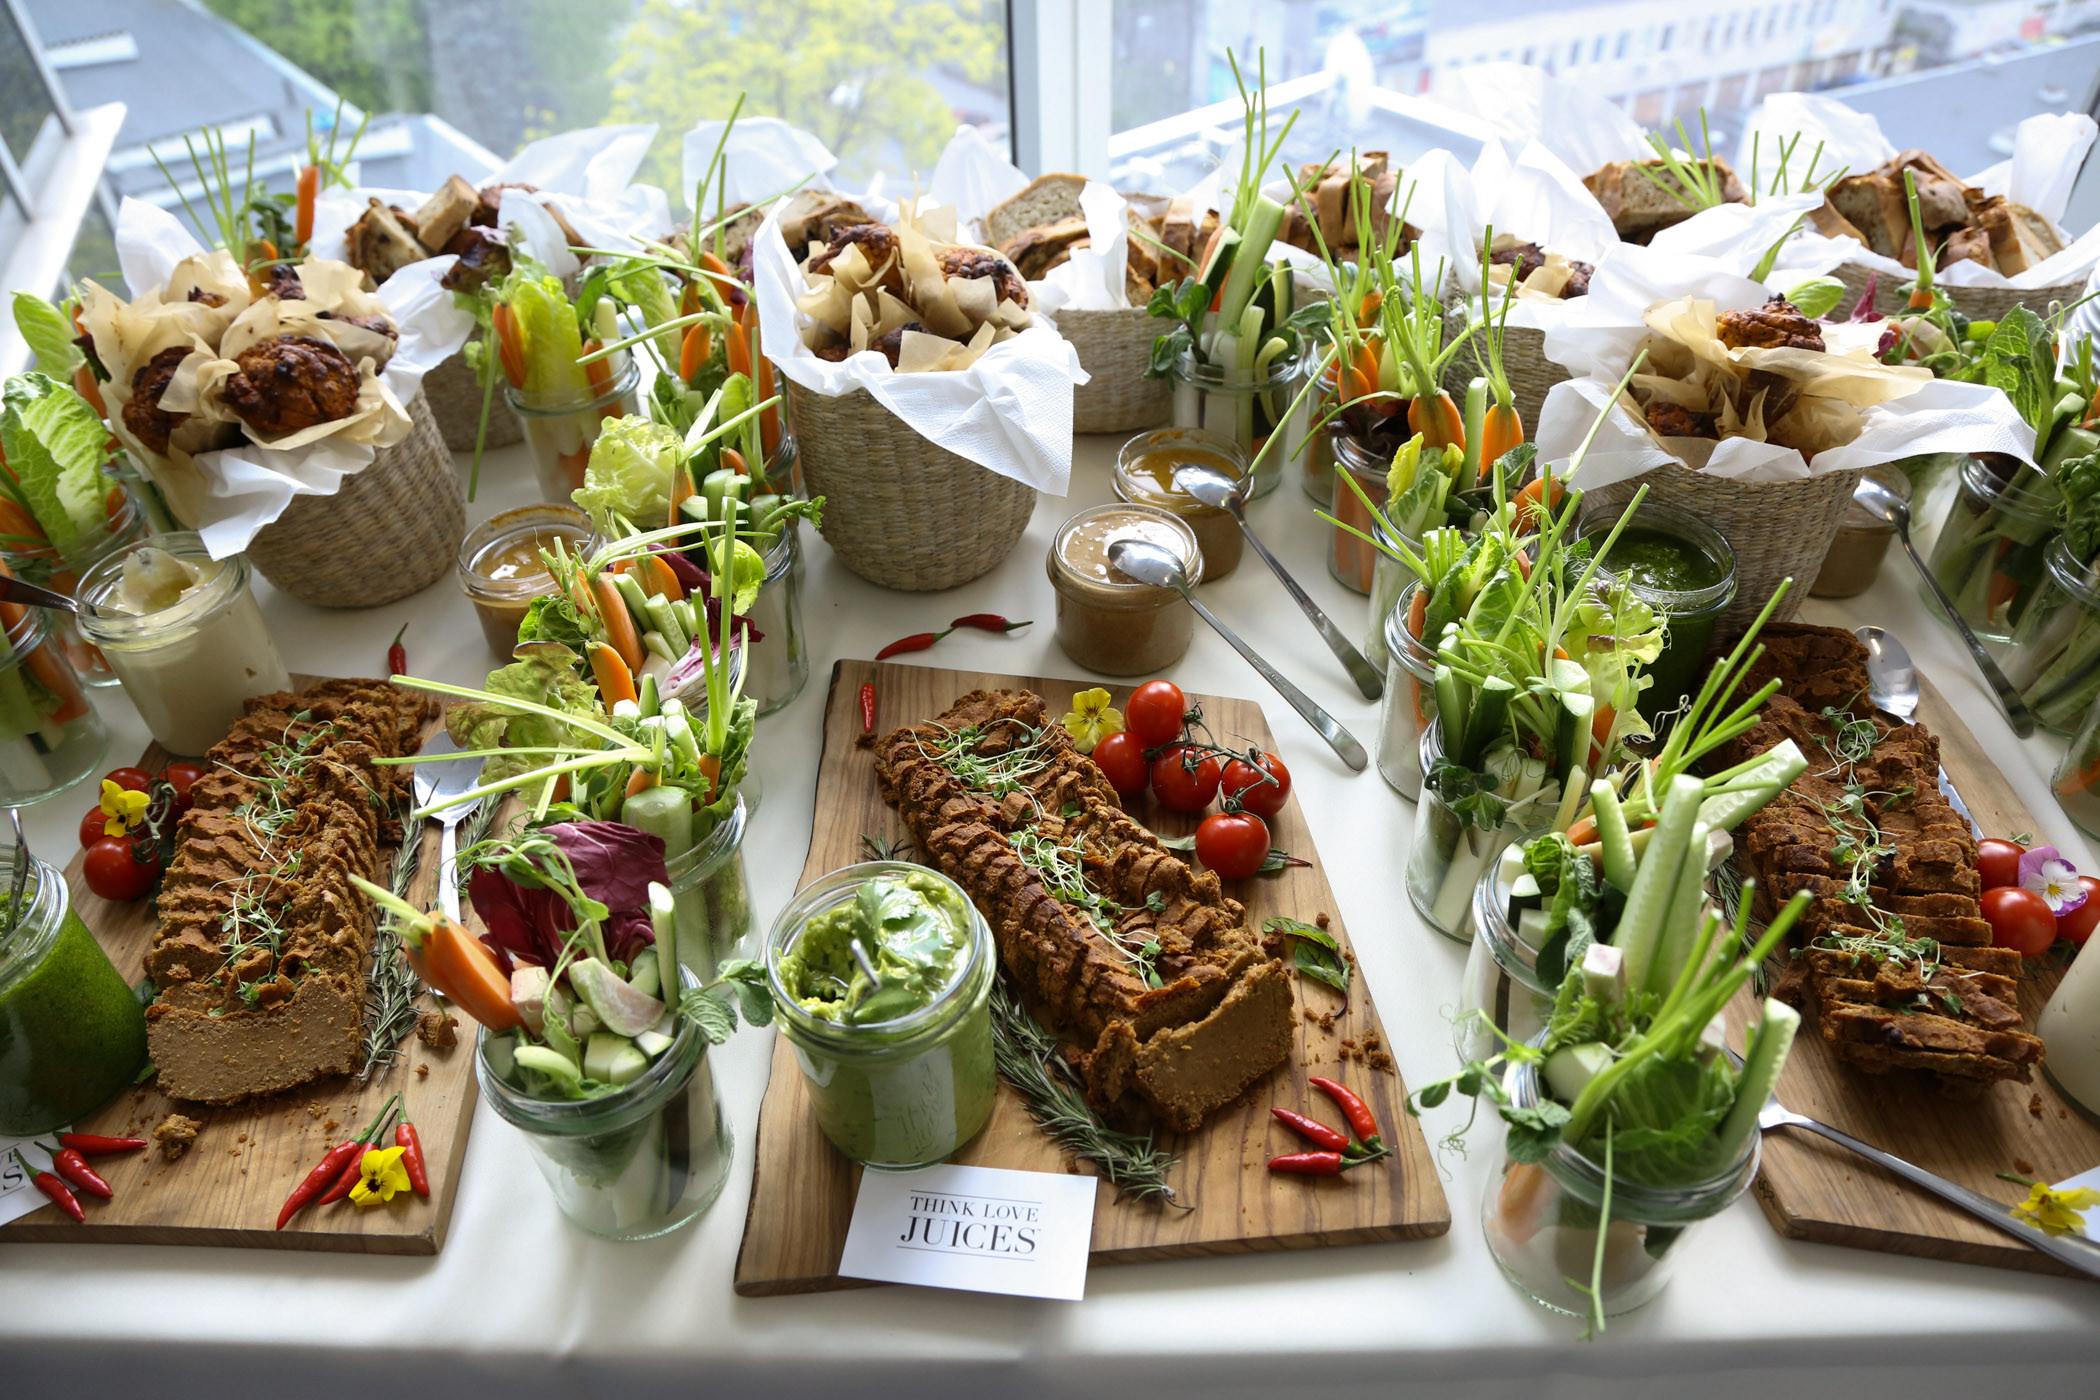 Healthy Office Breakfast 20 Ideas for Burohappold Hosts 'healthy Fice' Business Breakfast